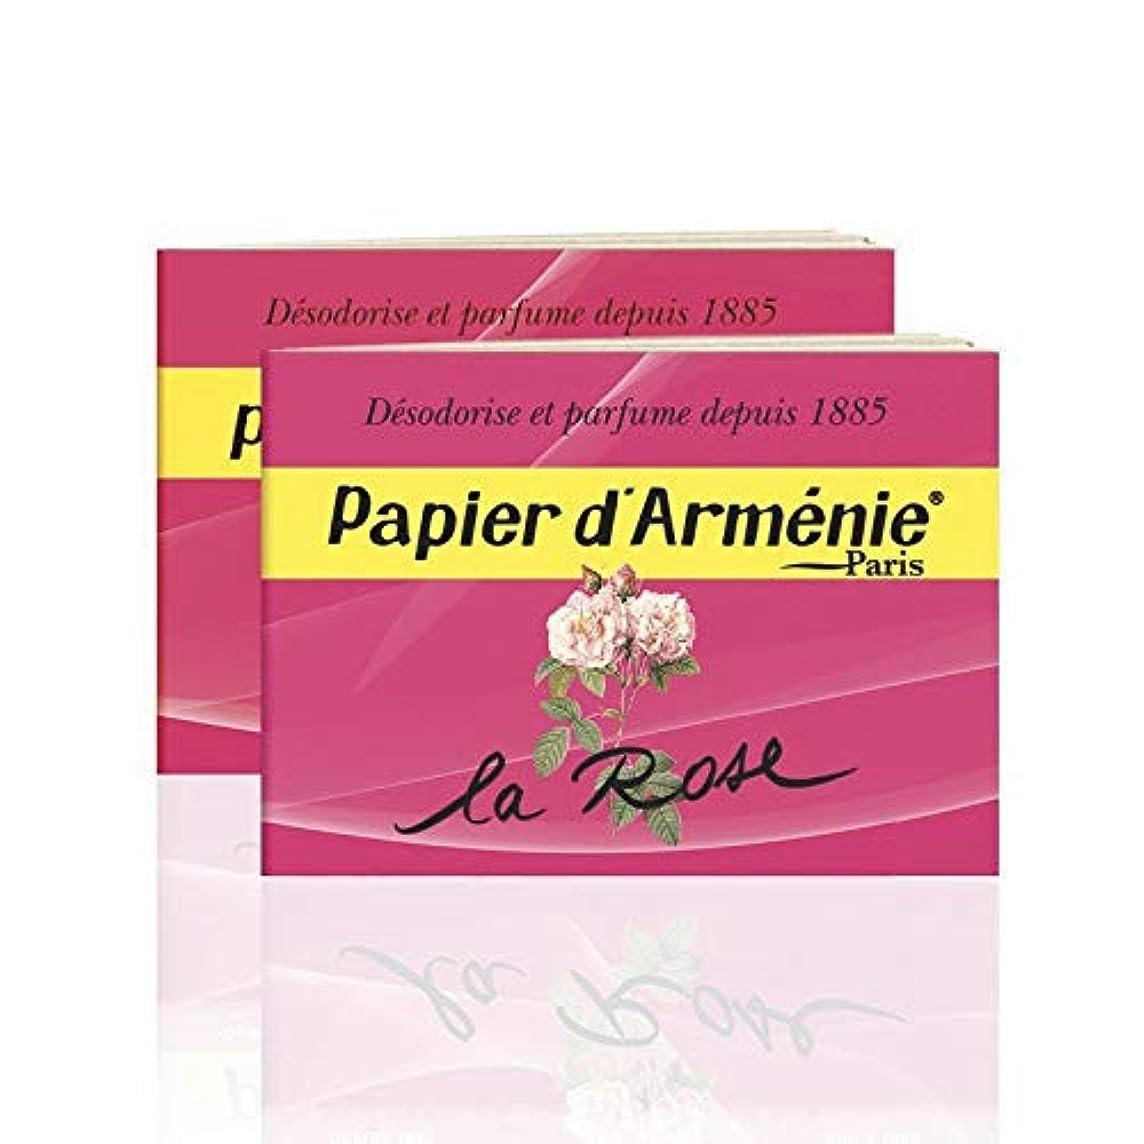 小麦粉北極圏ラリーパピエダルメニィ ローズ Papier d'Armenie La Rose (3)